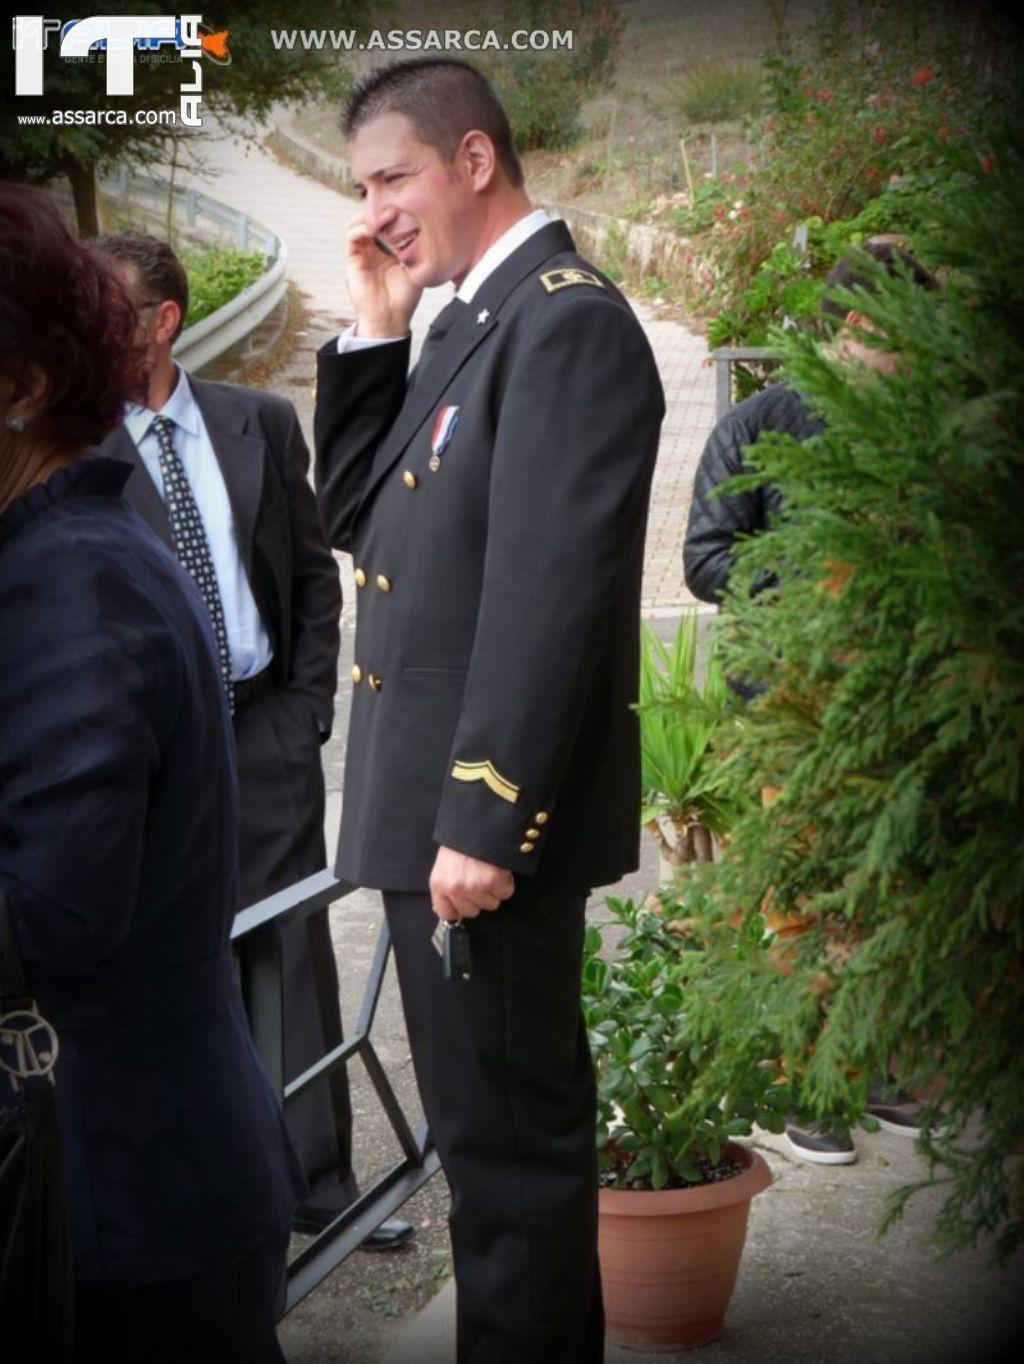 LE NOZZE DI MARIA RITA & ANTONINO - ALIMINUSA  27 OTTOBRE 2012